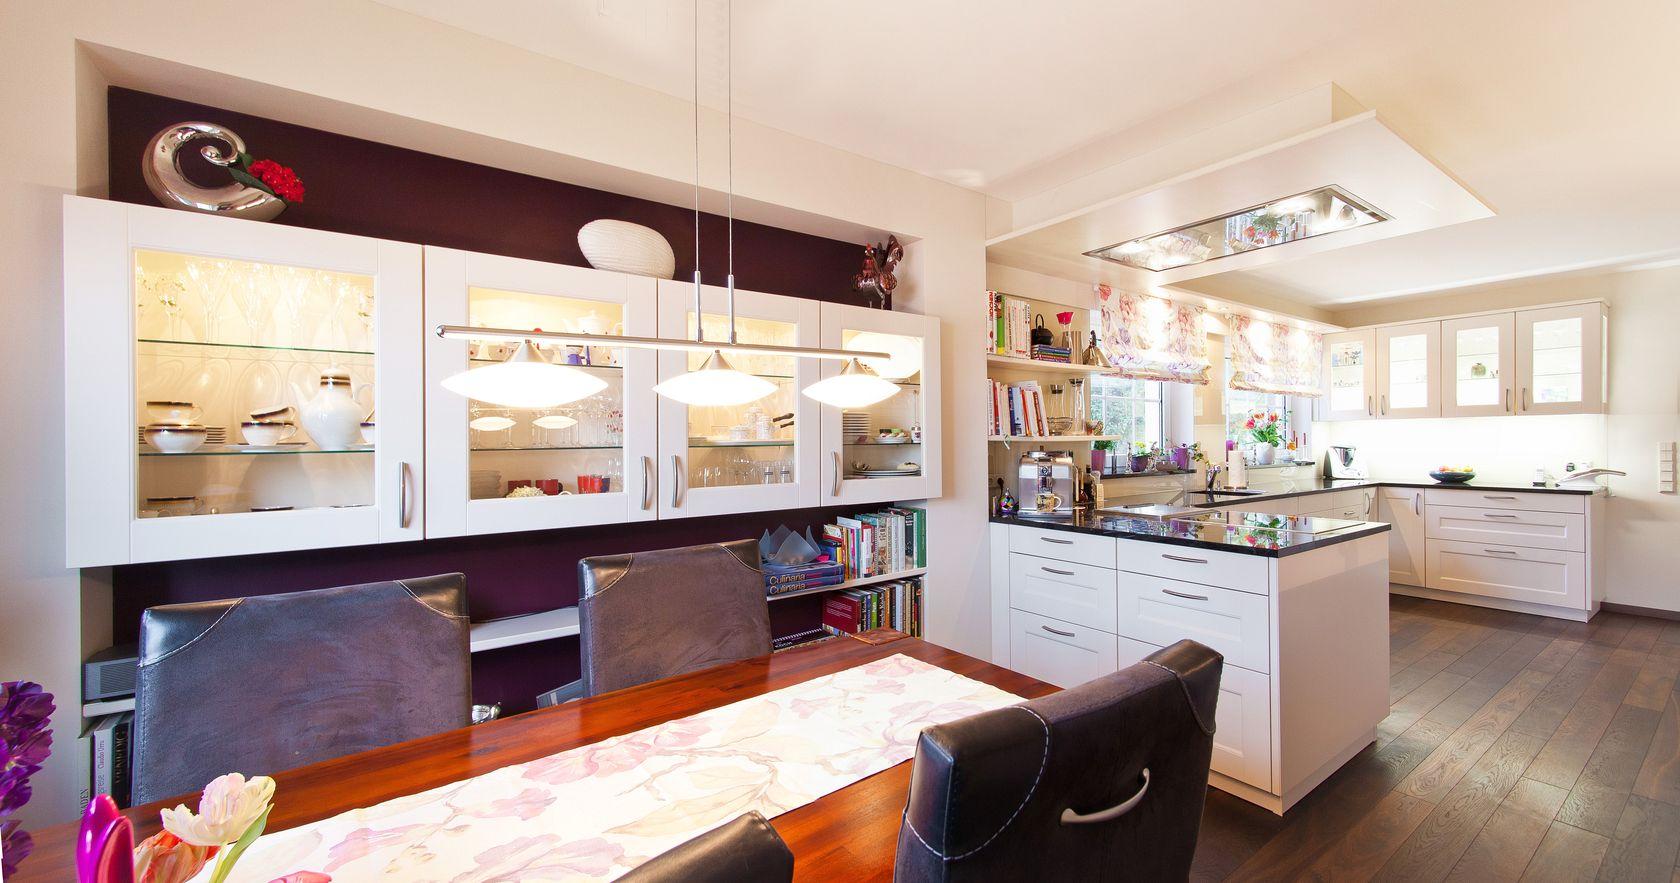 Landhaus weiss perfect large size of mit jetzt badezimmer - Wohnzimmer roller ...